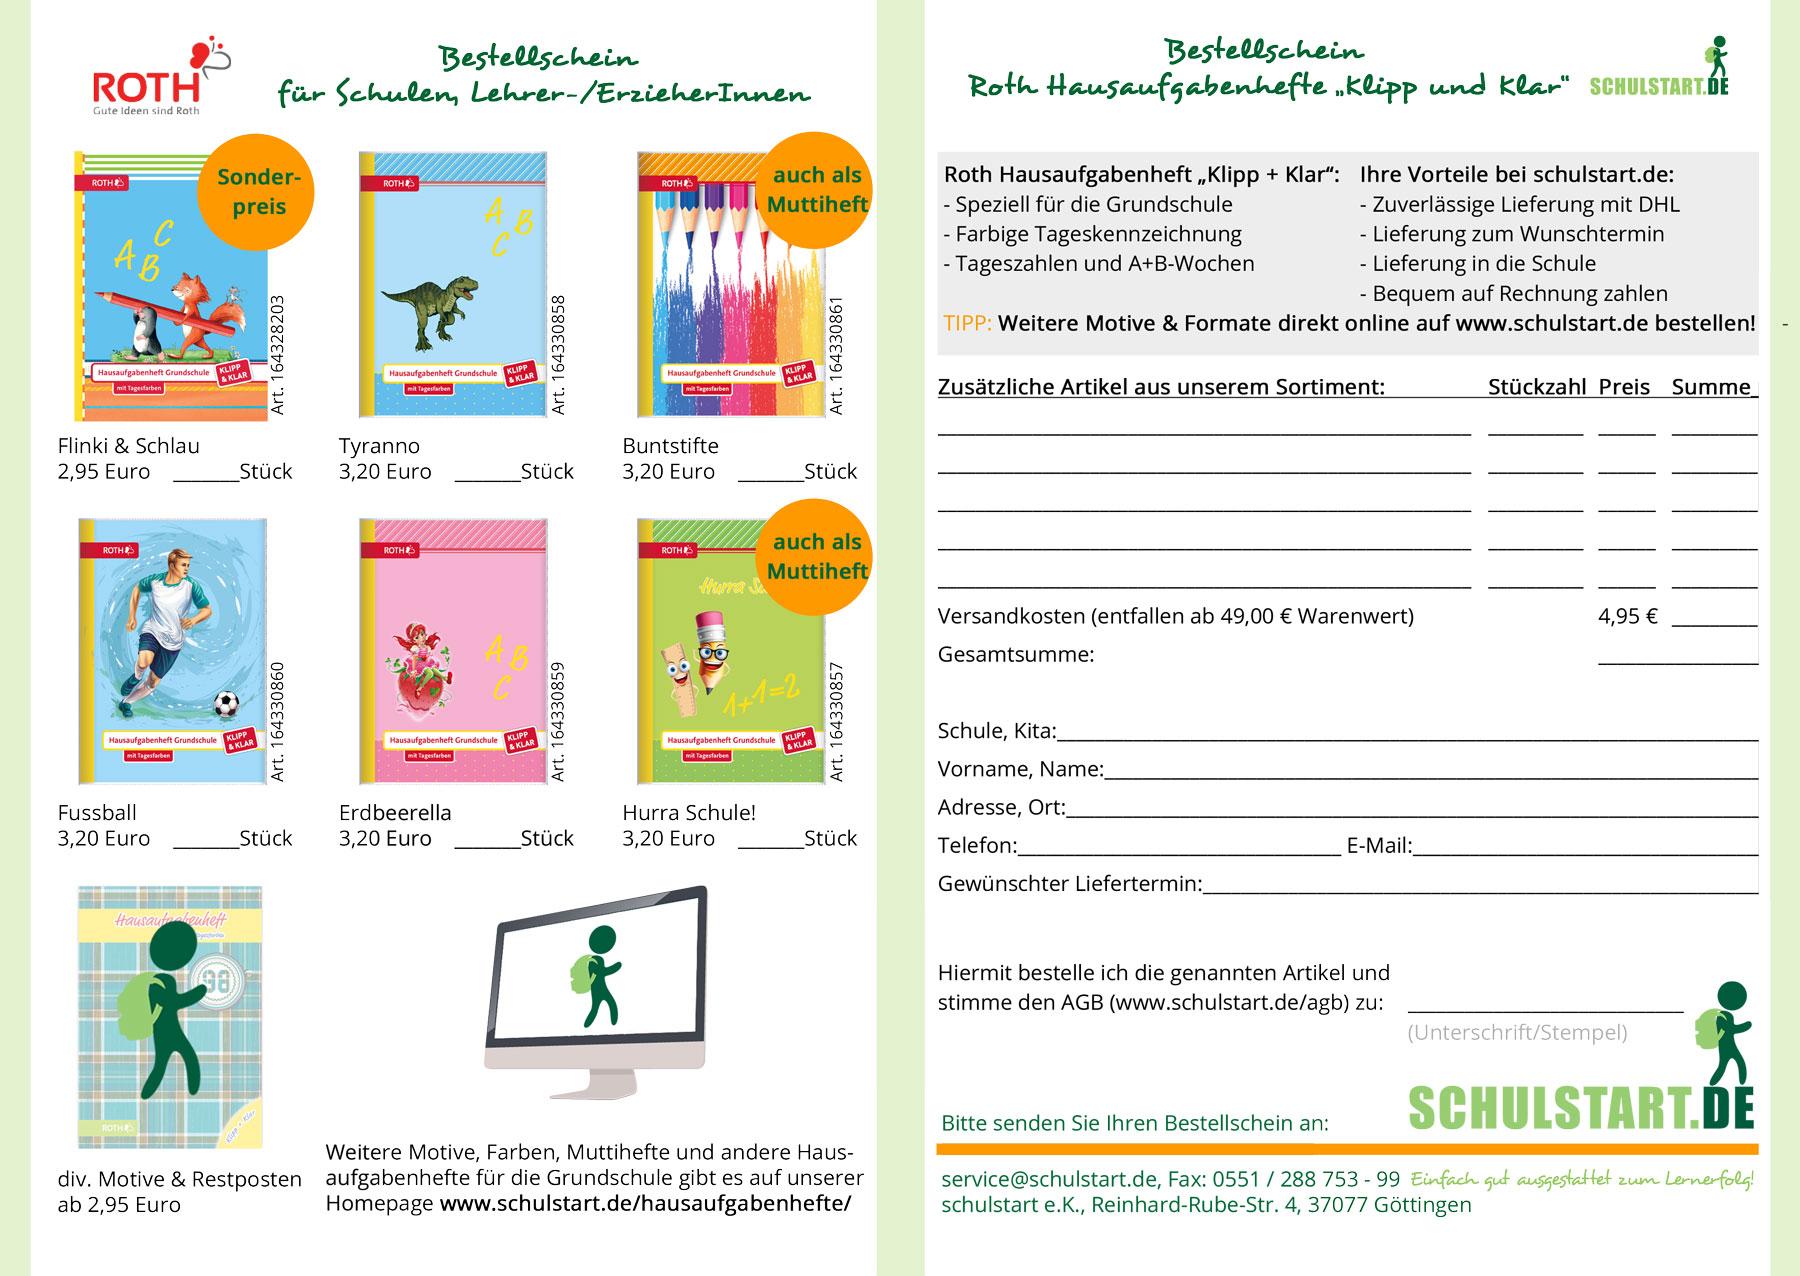 Das Hausaufgabenheft Für Grundschule & Gymnasium   Schulstart.de für Hausaufgabenheft Kostenlos Bestellen